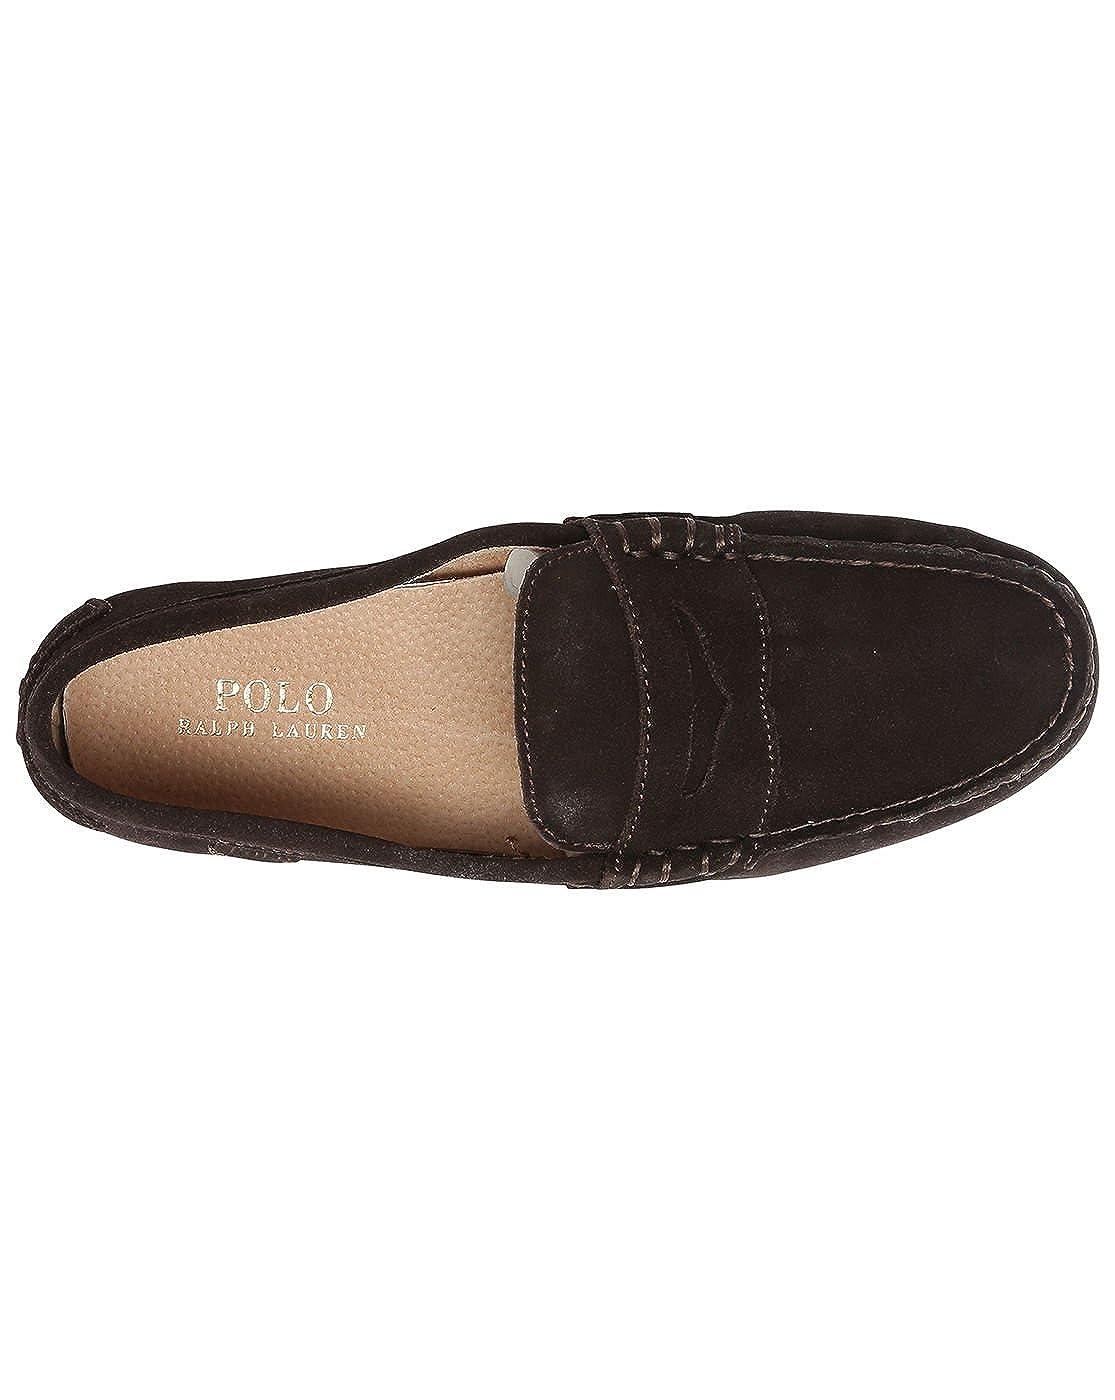 Polo Ralph Lauren - Mocasines de Ante Hombre, Marrón (marrón), 46 EU: Amazon.es: Zapatos y complementos